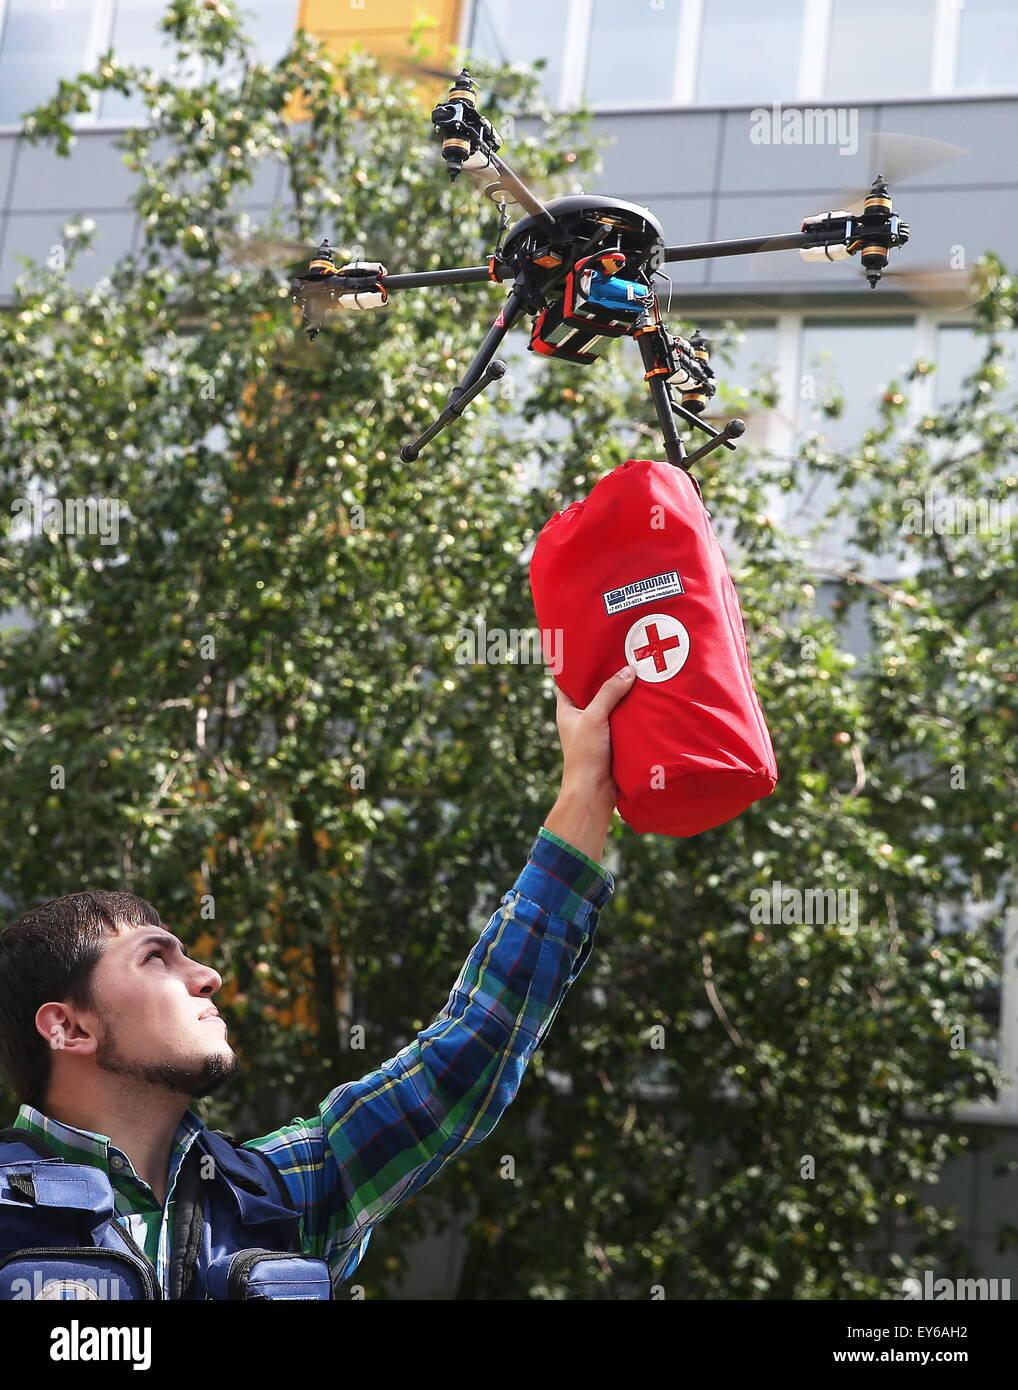 Moscou, Russie. 22 juillet, 2015. Un jeune homme avec un drone drone (aéronef) réalisation d'une trousse Photo Stock